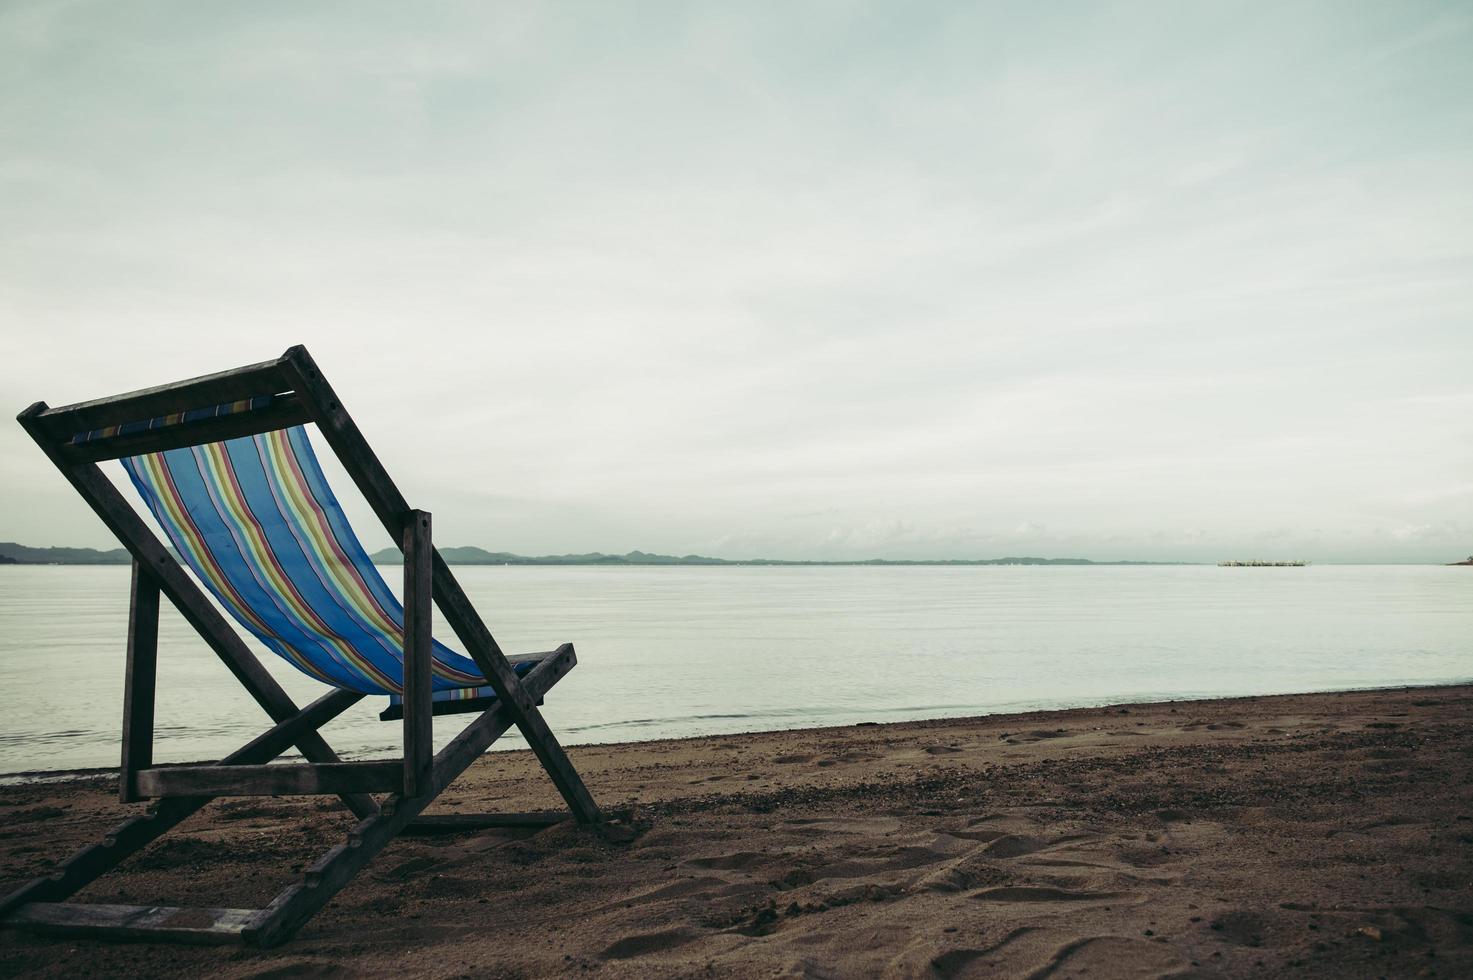 mer avec chaises de plage resort photo